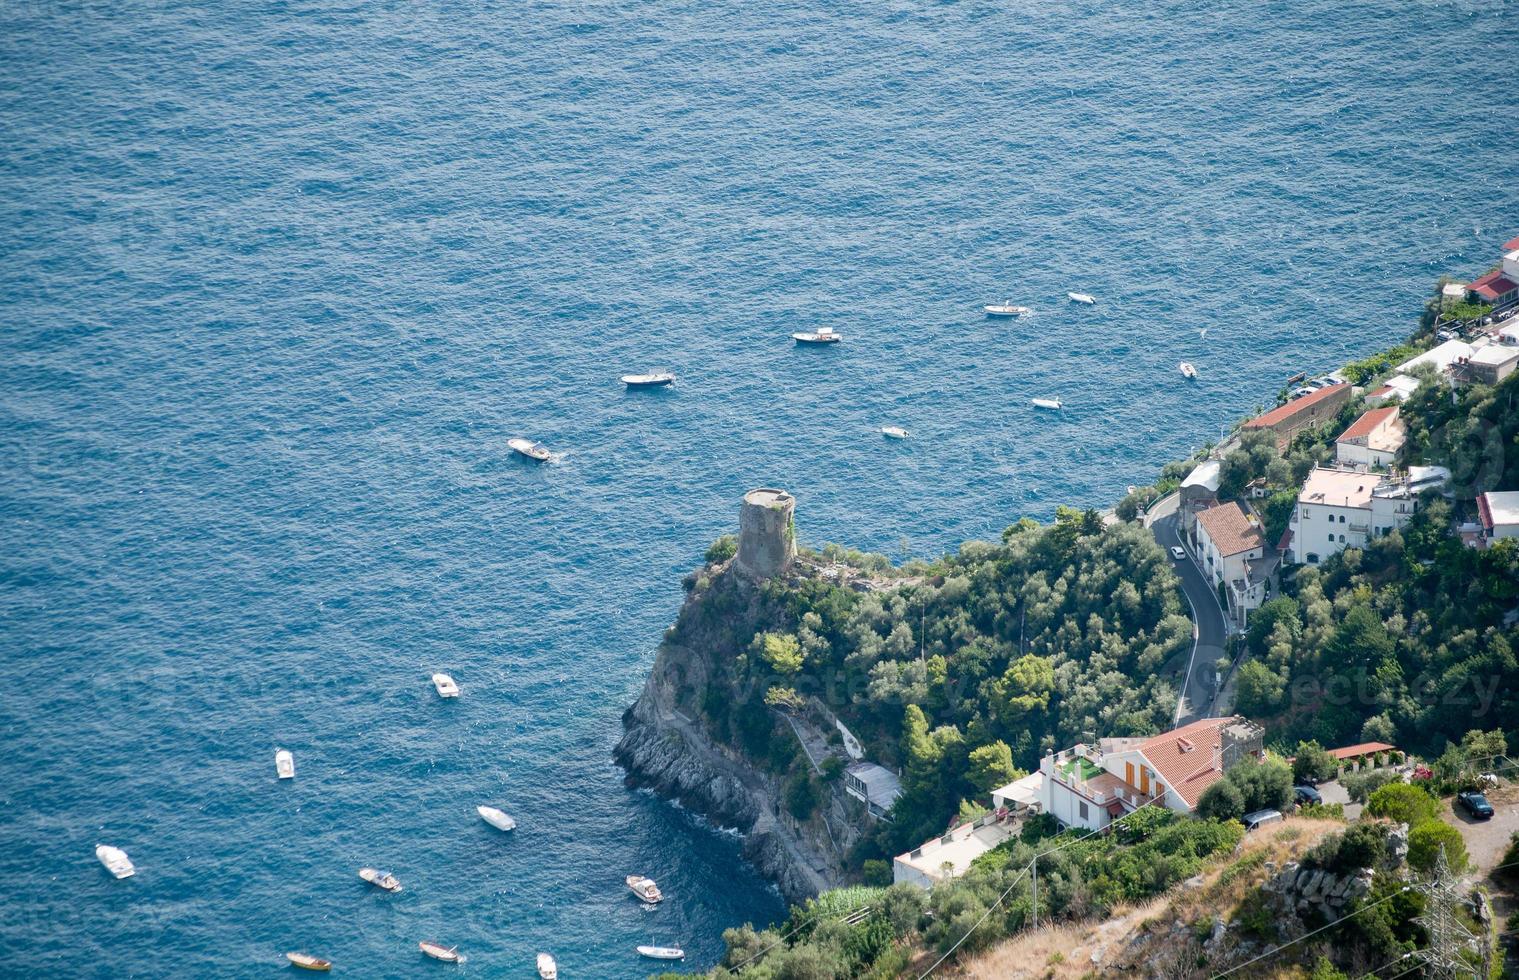 péninsule de la côte amalfitaine photo